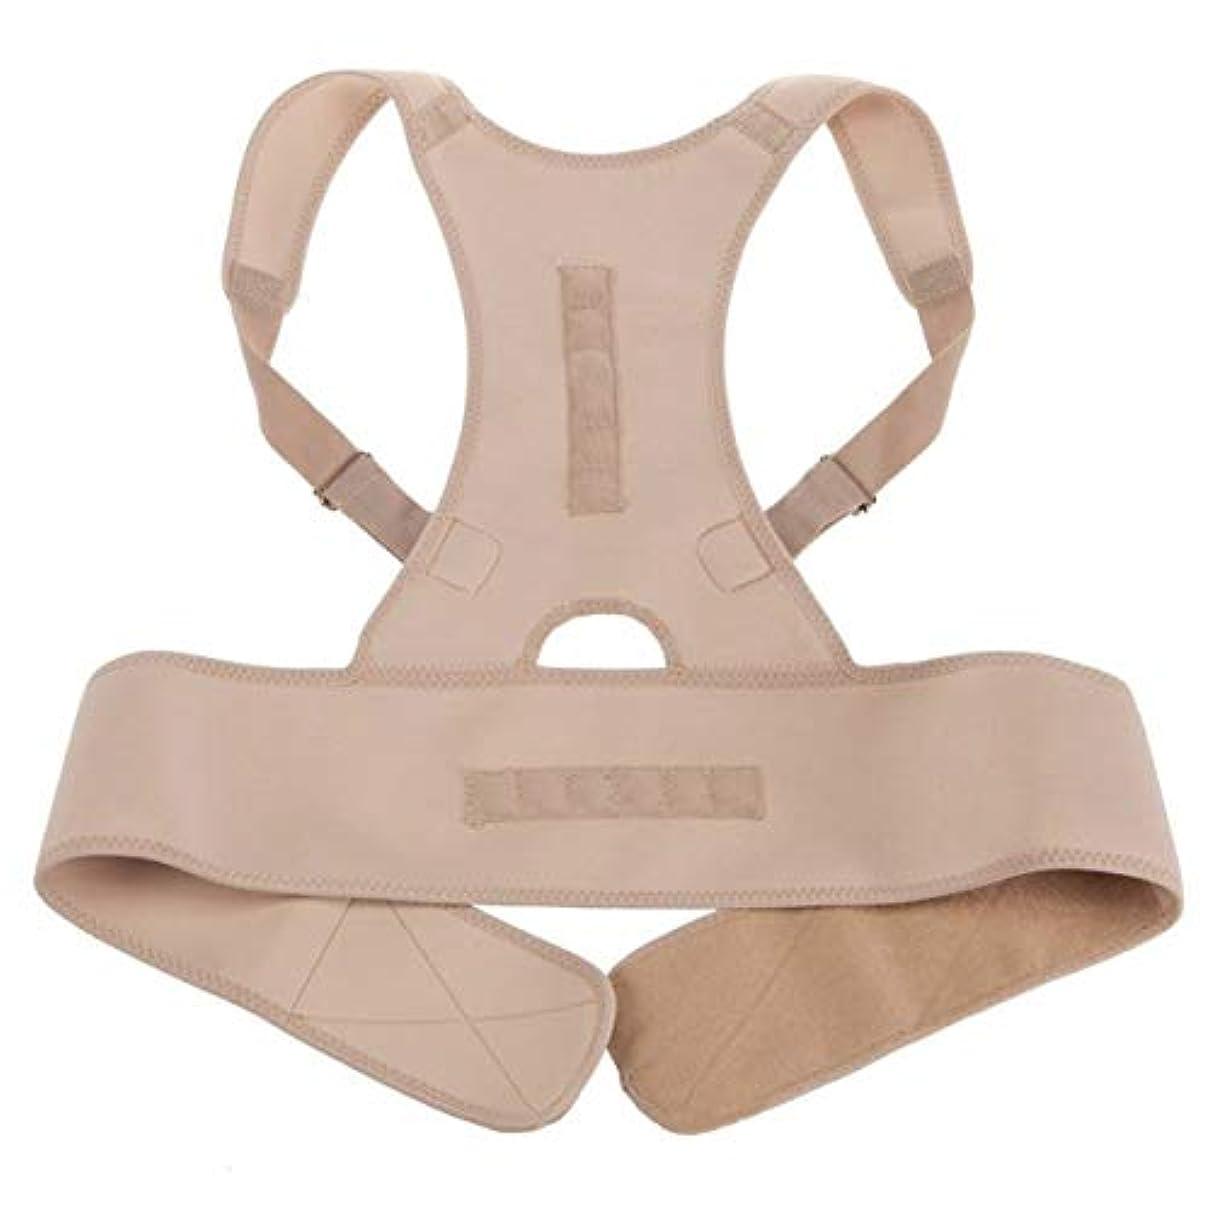 トマト支援するパネルネオプレン磁気姿勢補正器バッドバック腰椎肩サポート腰痛ブレースバンドベルトユニセックス快適な服装 - ブラック2 XL